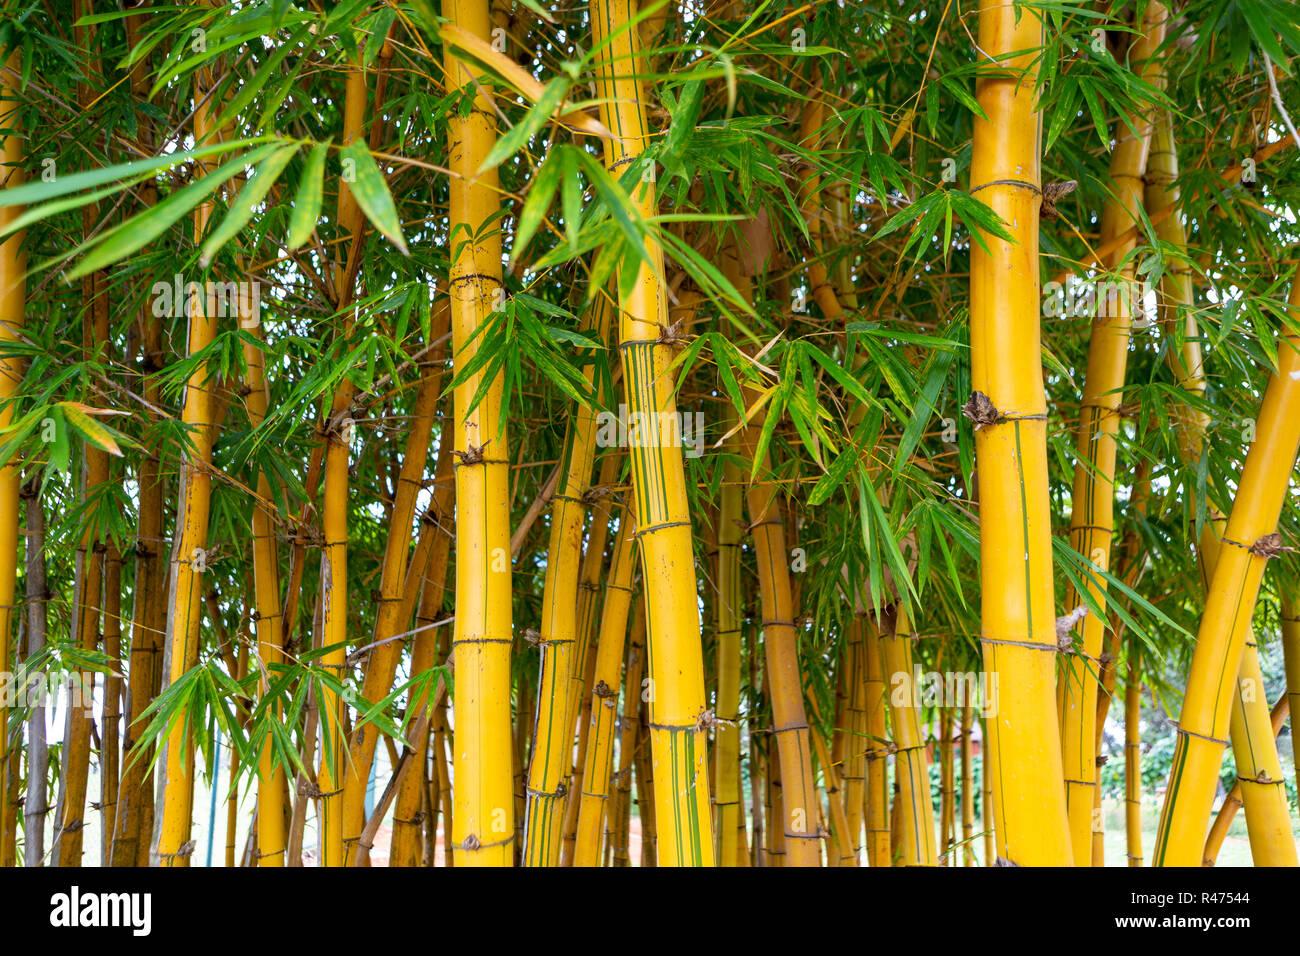 Nahaufnahme von Bambus Bäume im Garten Selektive